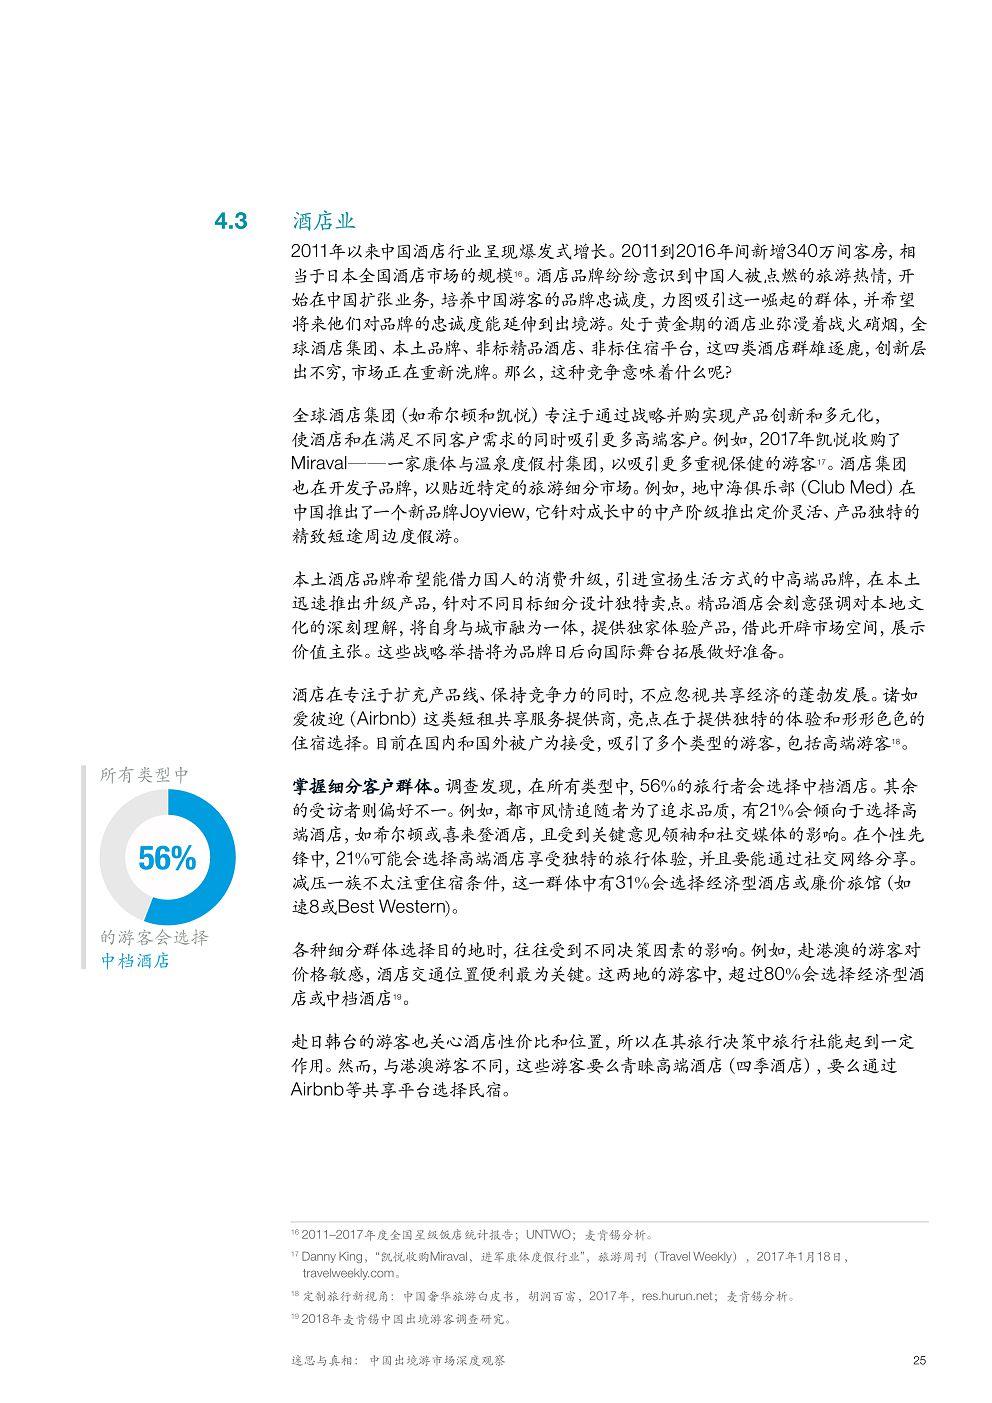 McK_China-tourism-report-2018_CN_29